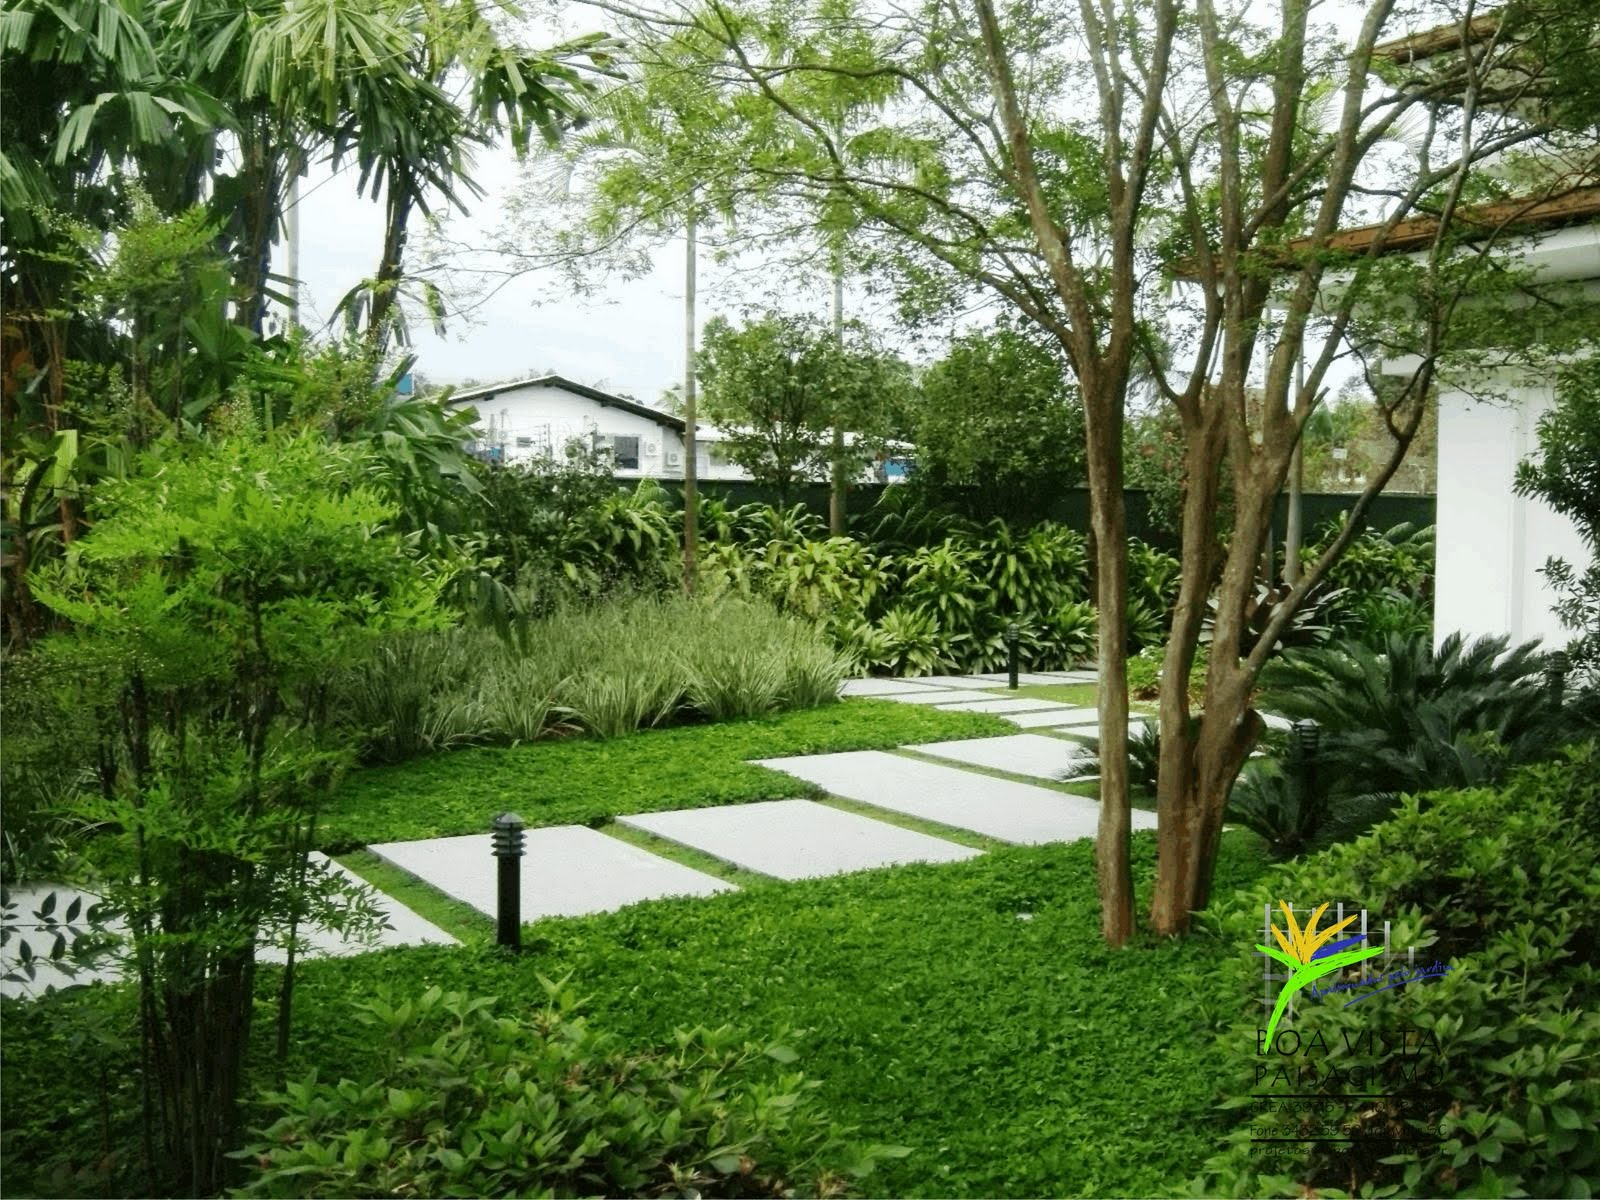 imagens paisagismo jardins:Postado há 19th October 2011 por A Boa Vista Projetos de Paisagismo